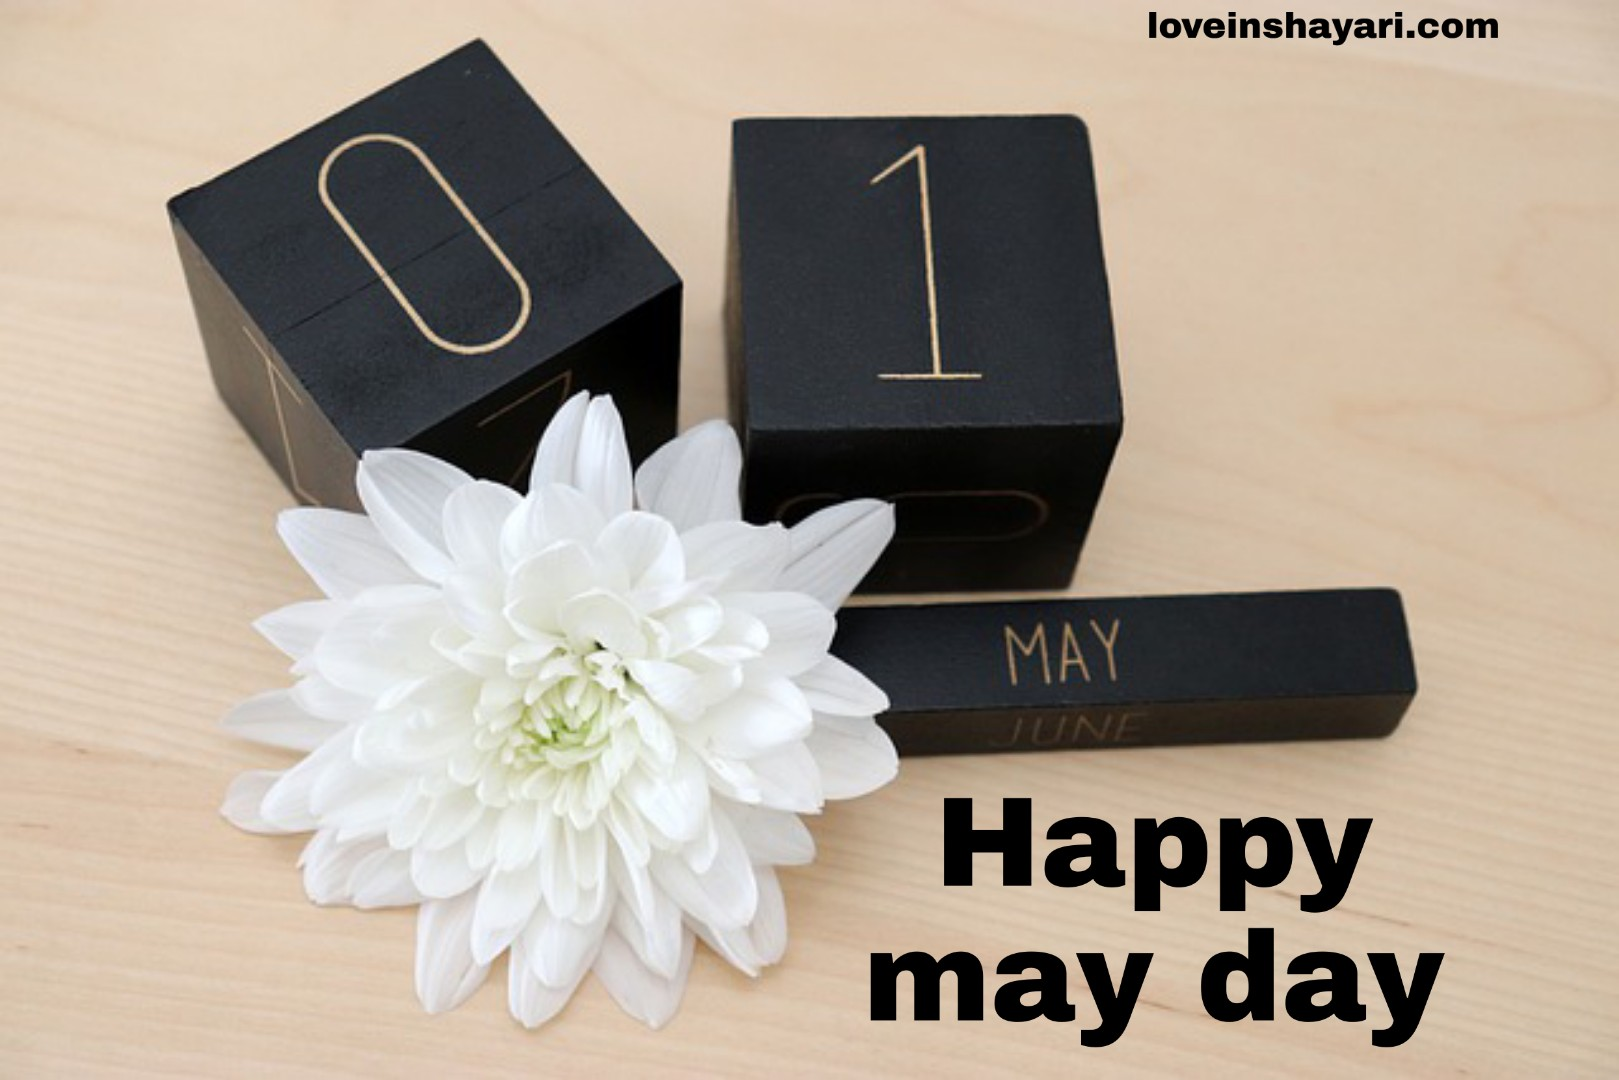 May day status whatsapp status